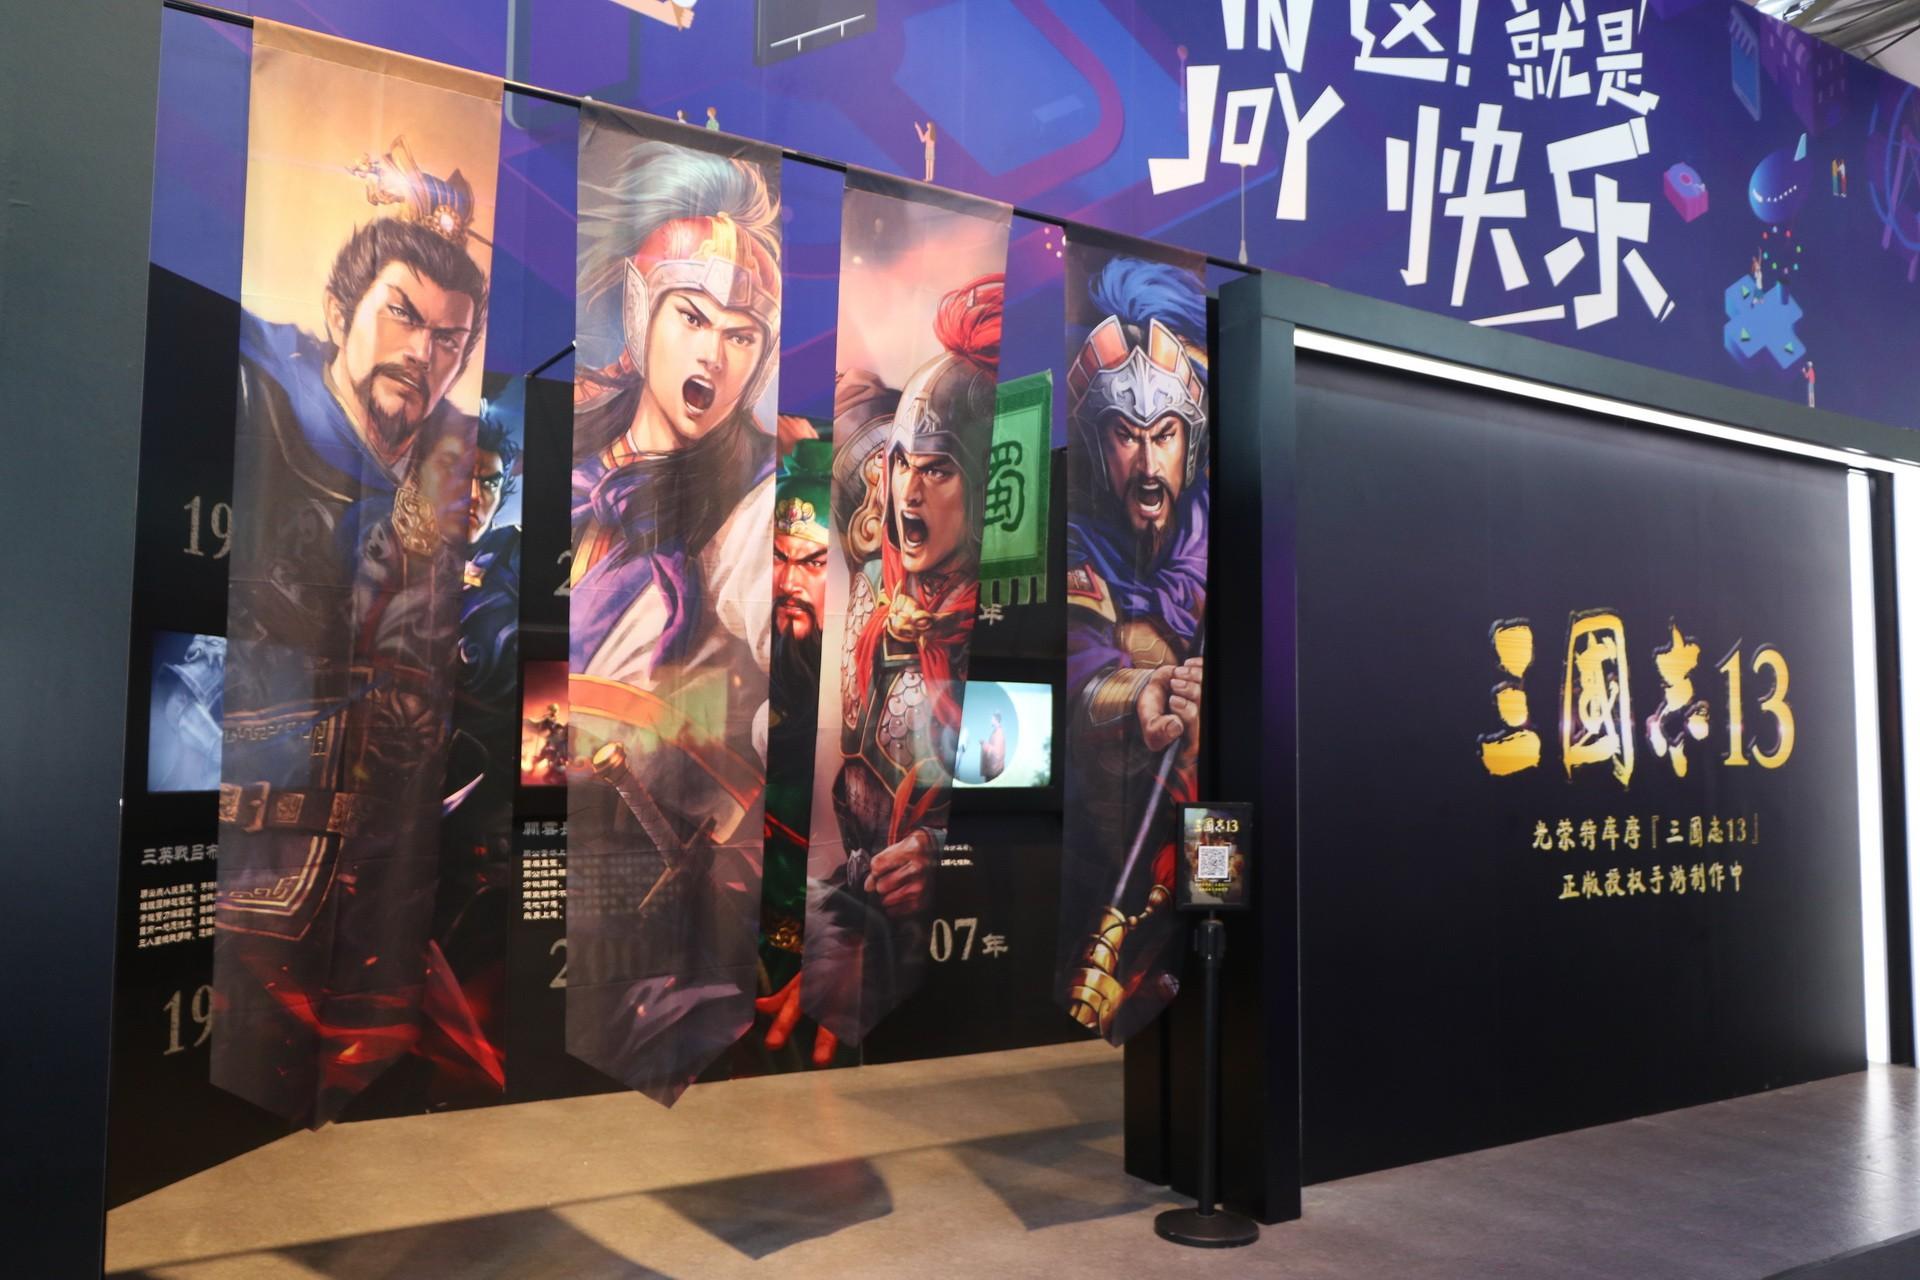 [CJ18]阿里遊戲取得《三國志13》授權 將在手機上重現三國志系列的壯闊歷史劇